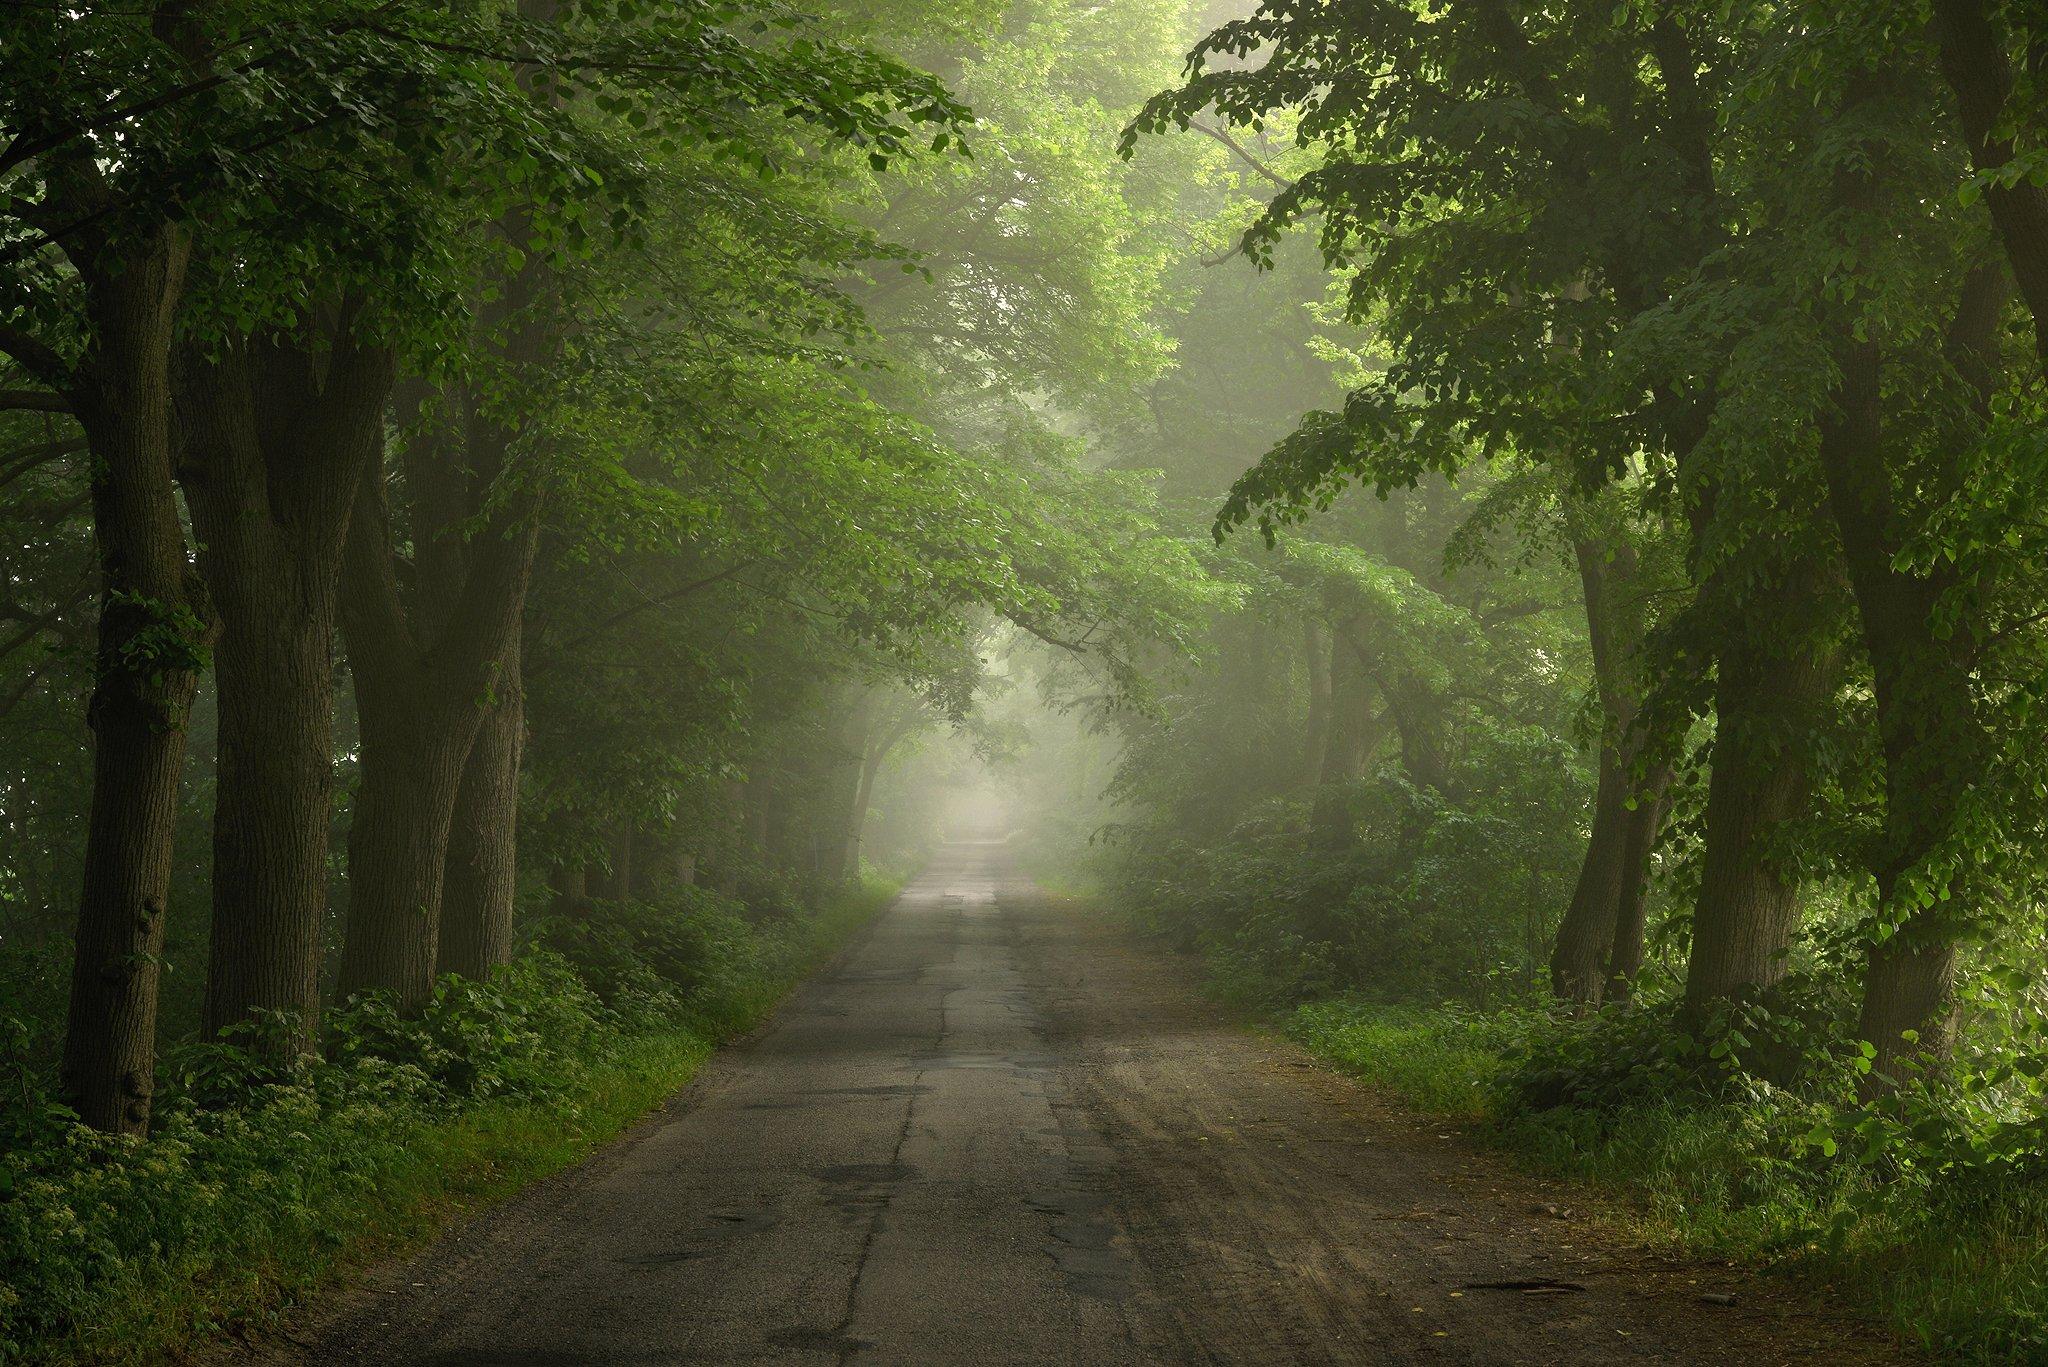 road path misty foggy trees green spring poland magic, Radoslaw Dranikowski